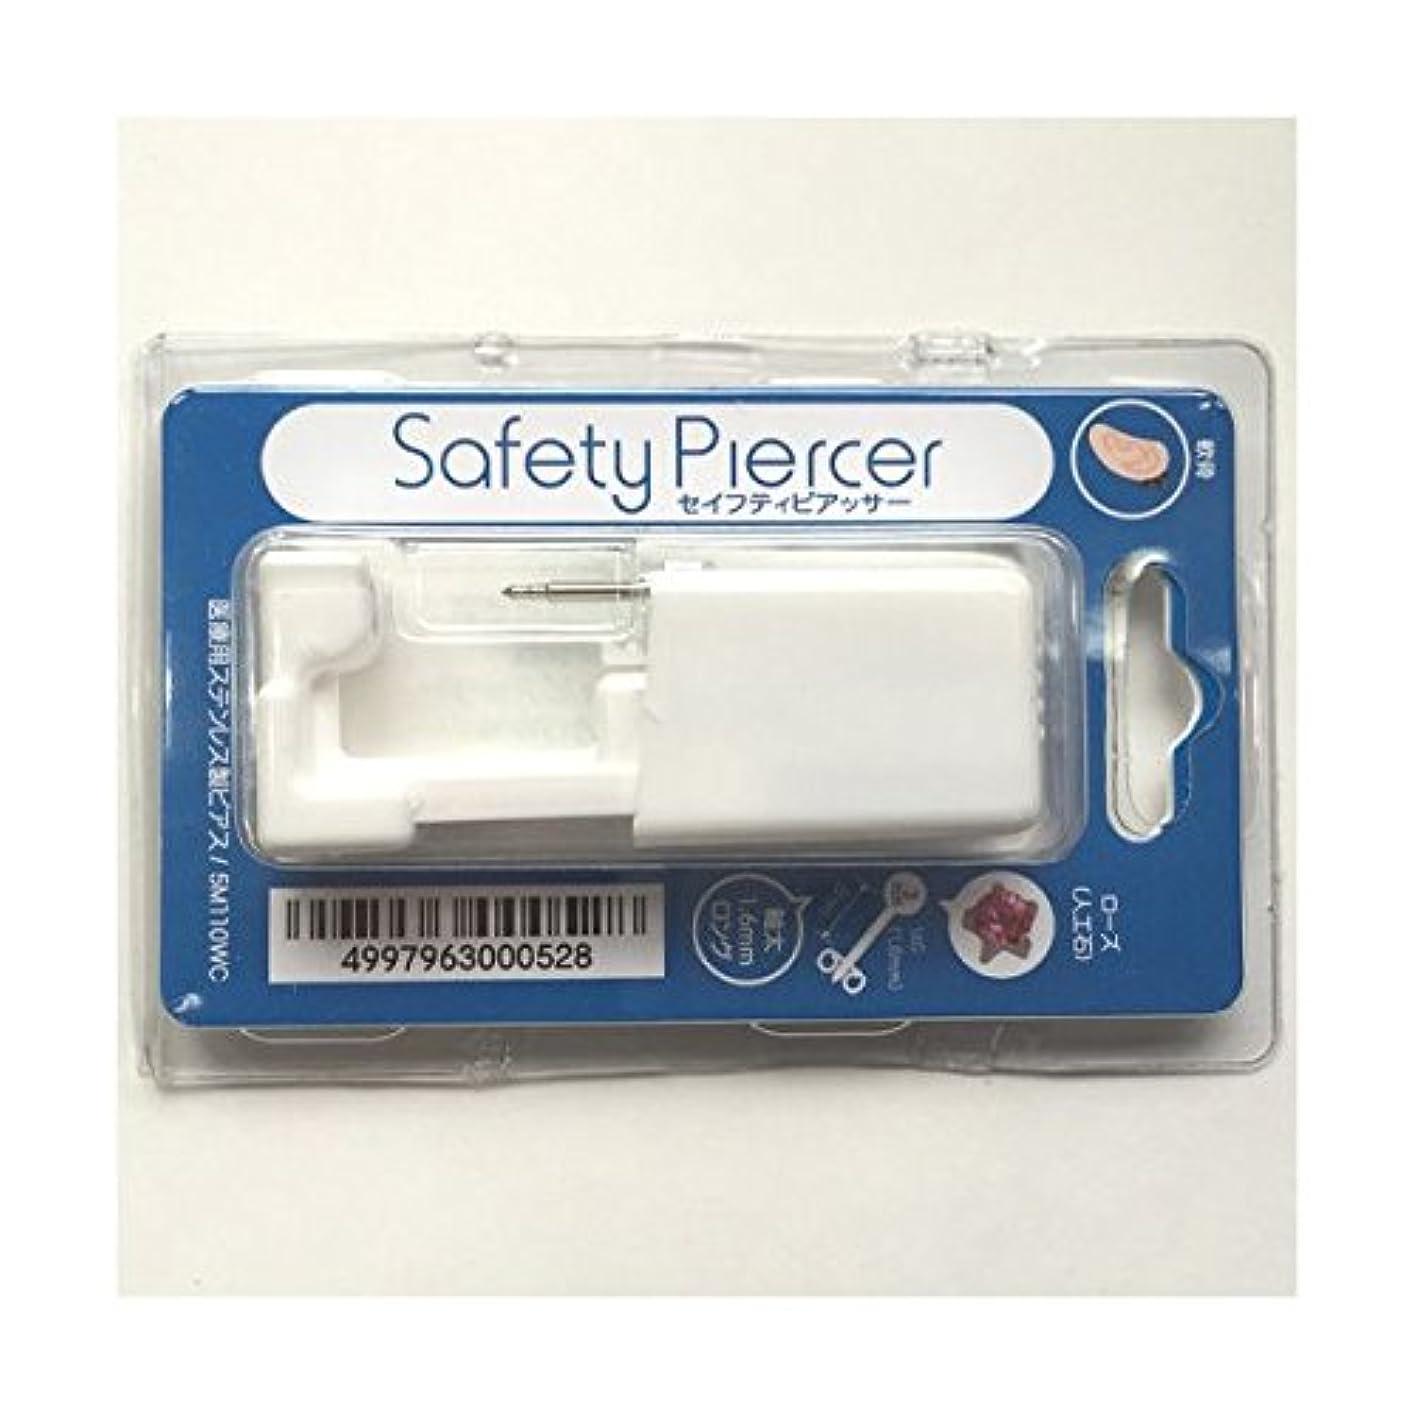 ホイッスルパックカールセイフティピアッサー シルバー(医療用ステンレス) 3mm ローズ 軟骨用 5M110WC(正規品)